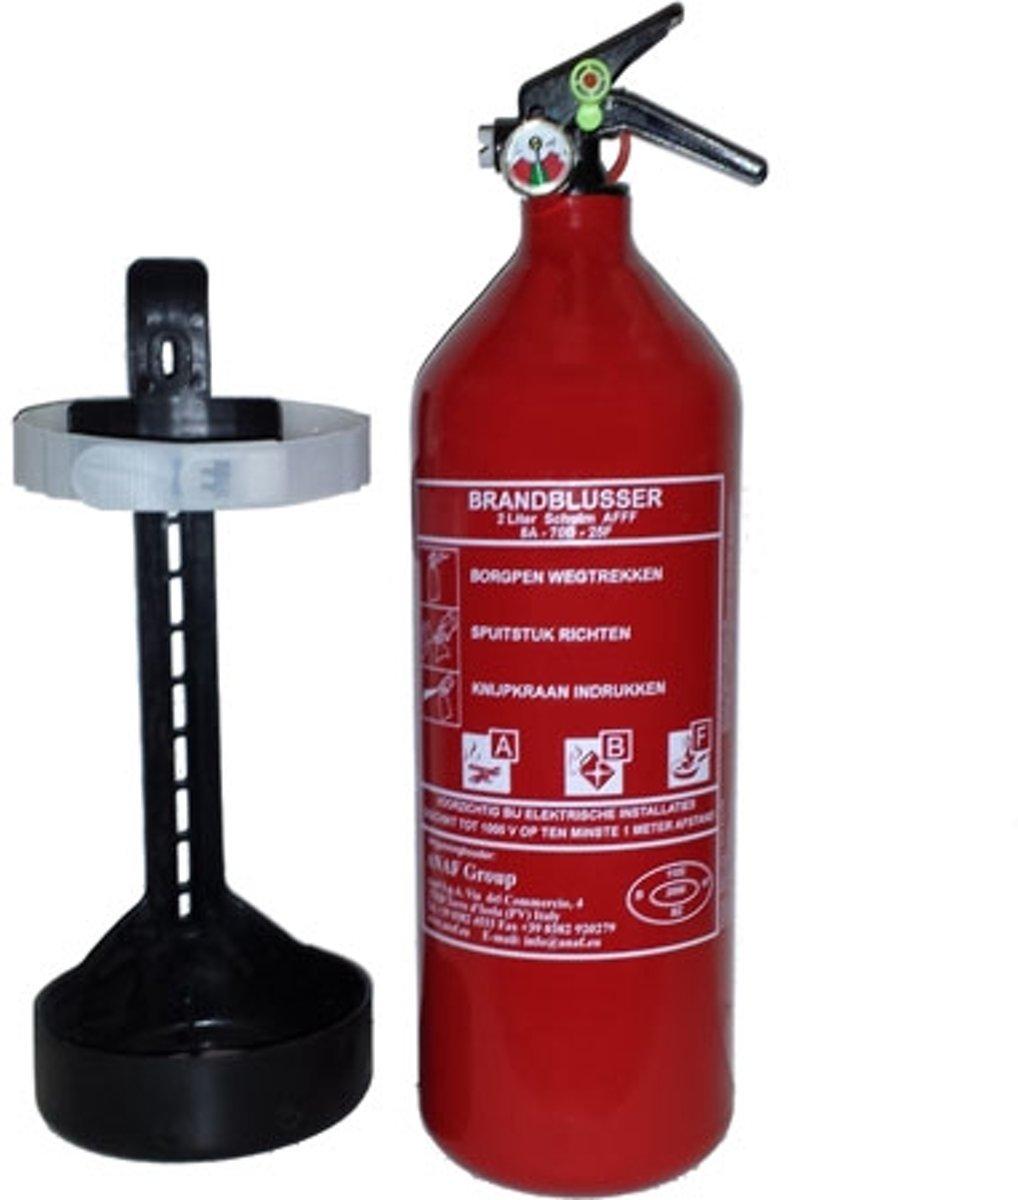 Schuimblusser 2 liter A, B en F ( Vet ) Inclusief 1 jaar keuring.